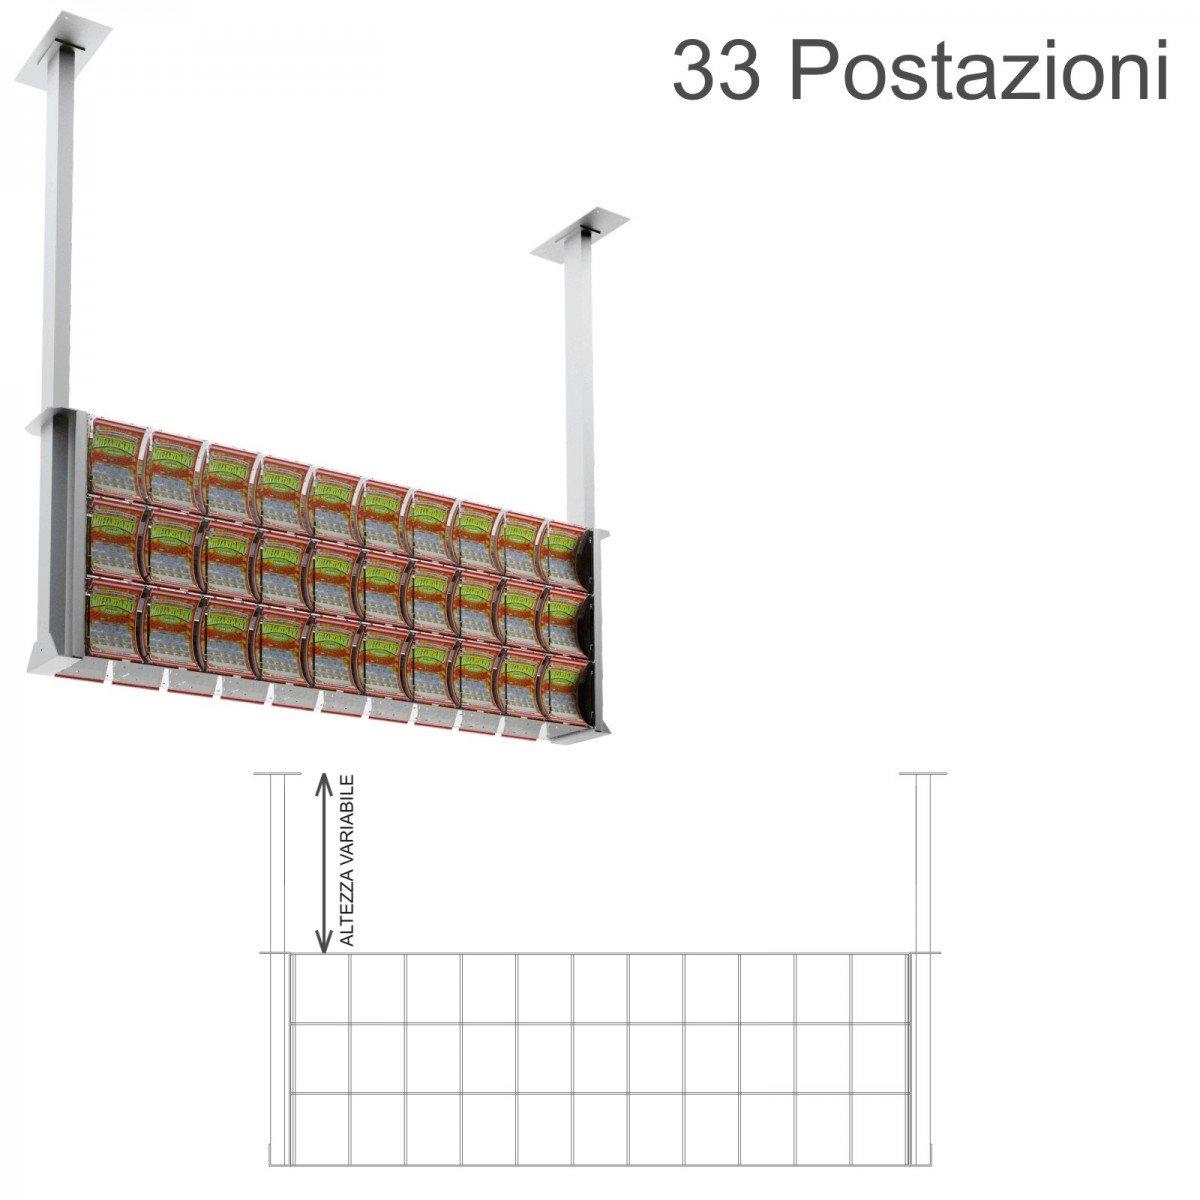 Espositore gratta e vinci da soffitto in plexiglass trasparente a 33 contenitori munito di sportellino frontale lato rivenditore